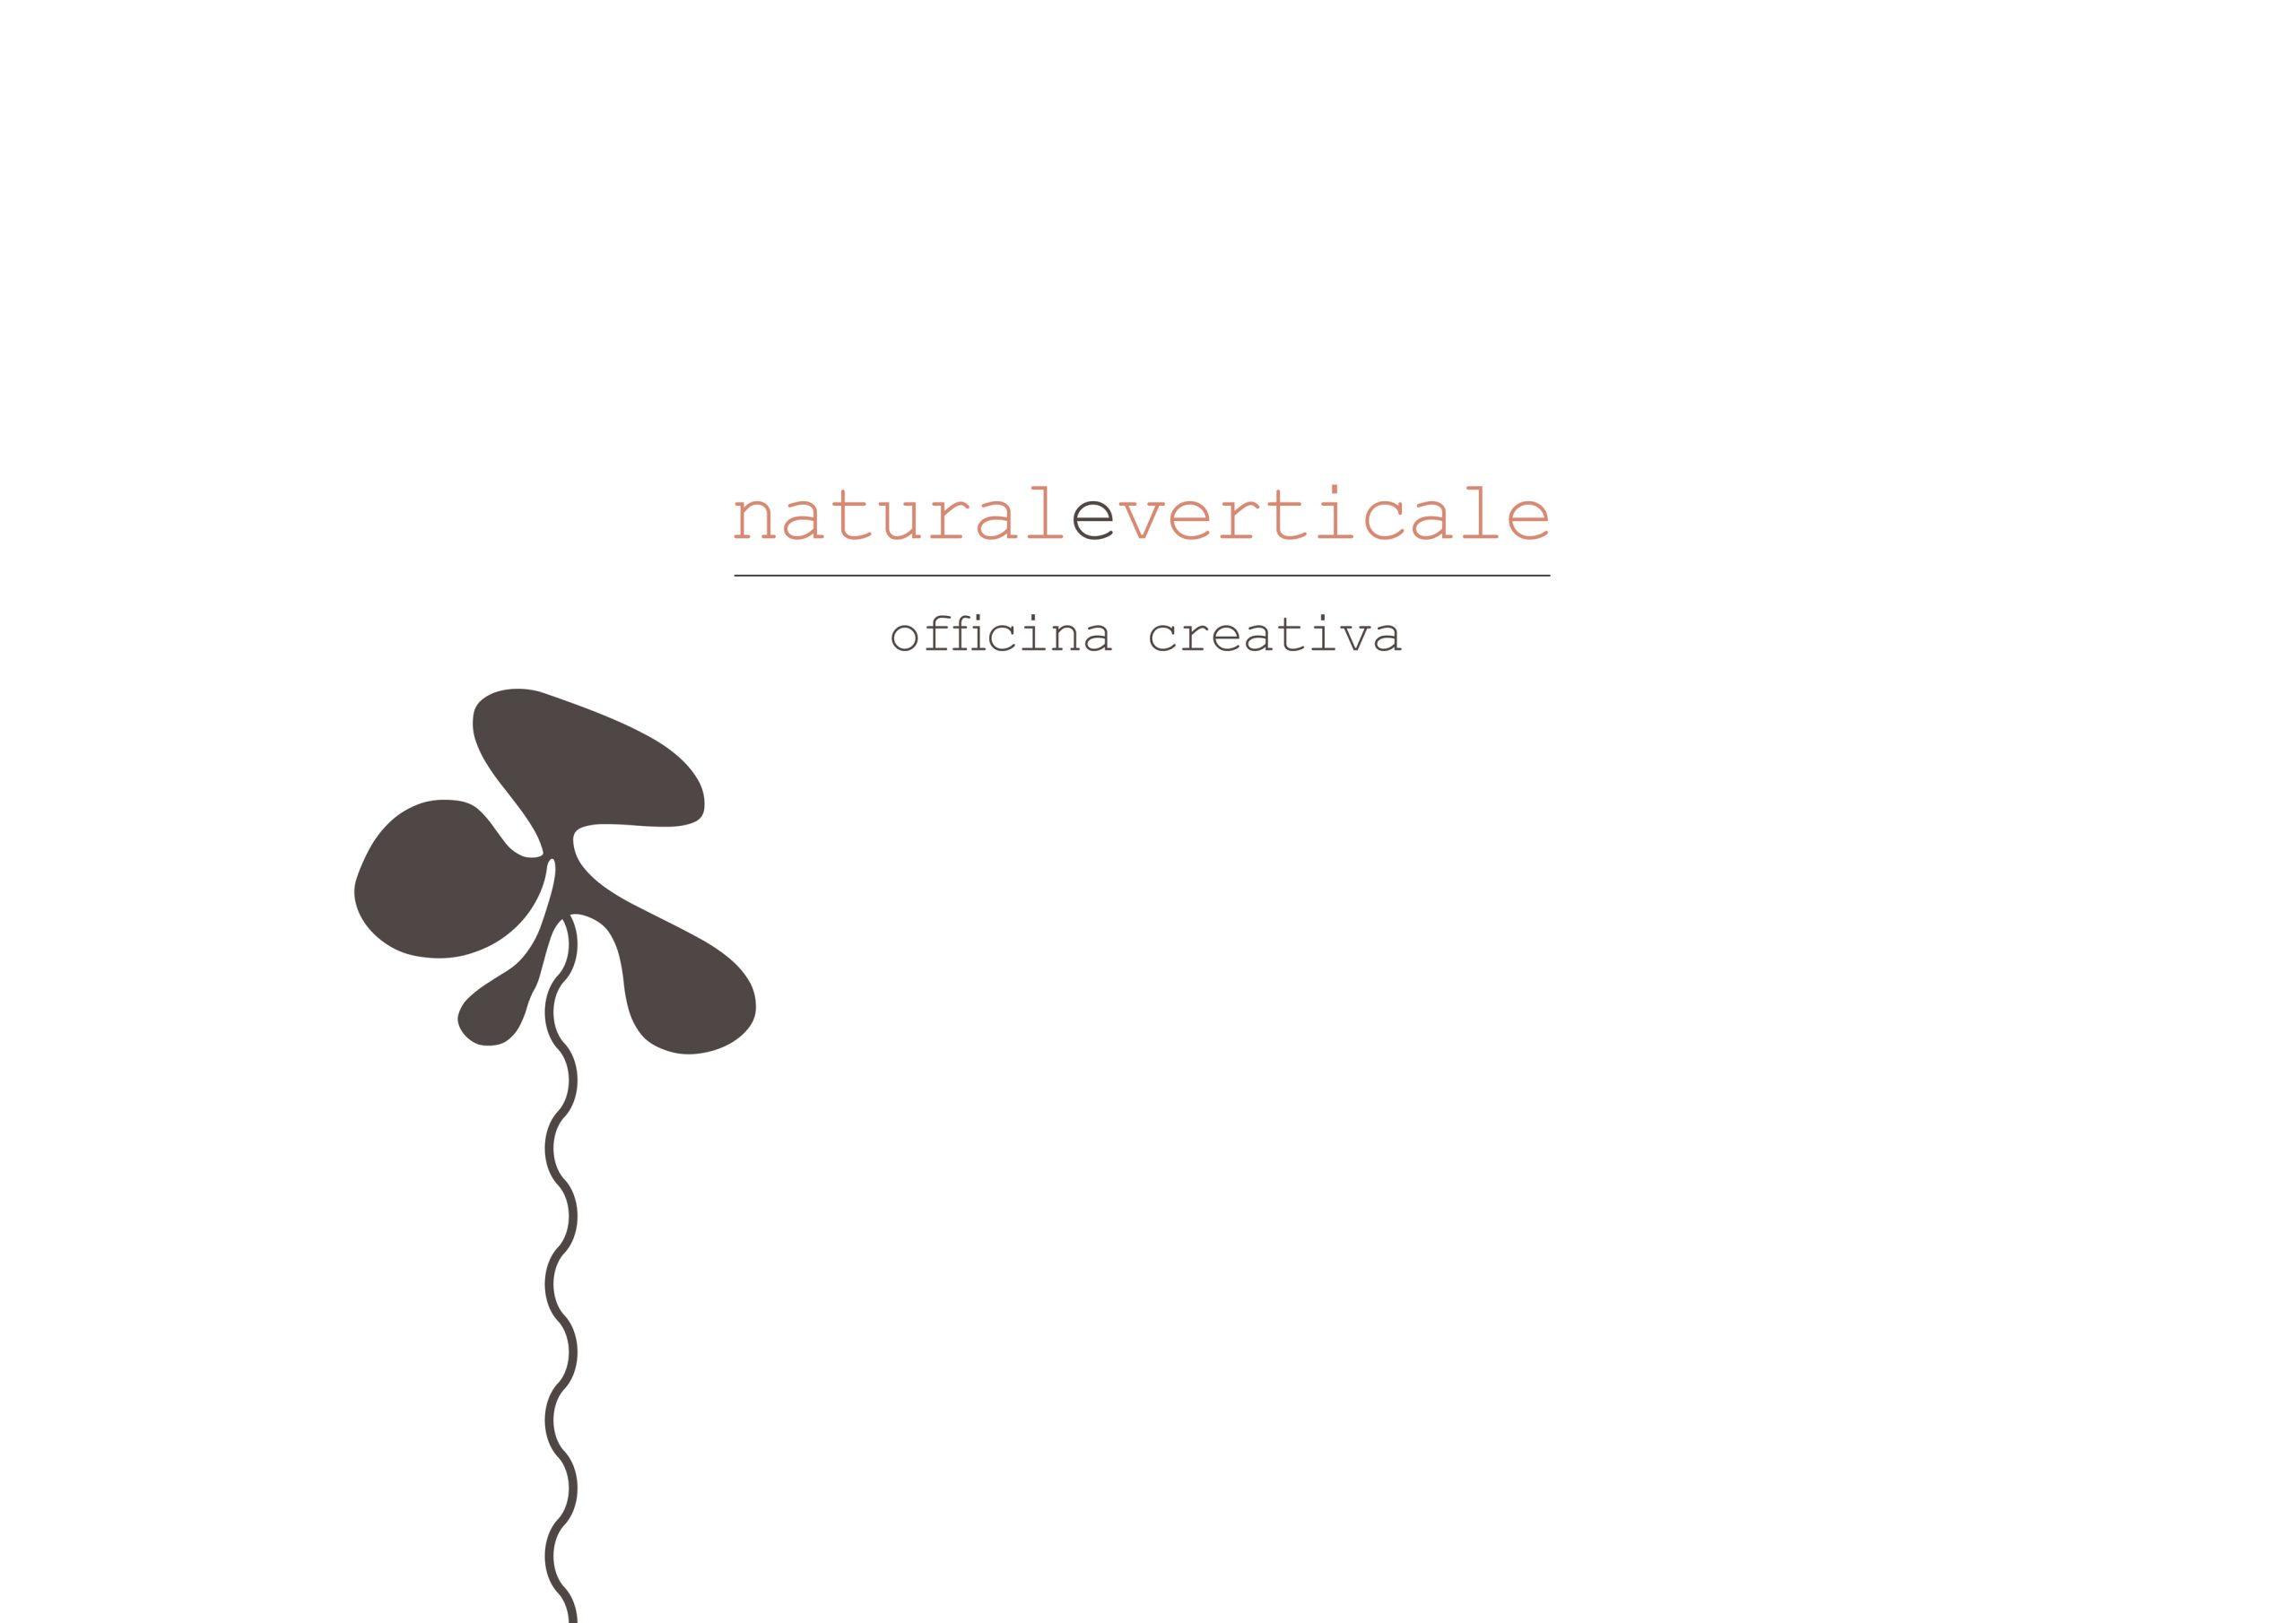 Pavimenti e rivestimenti Naturaleverticale logo